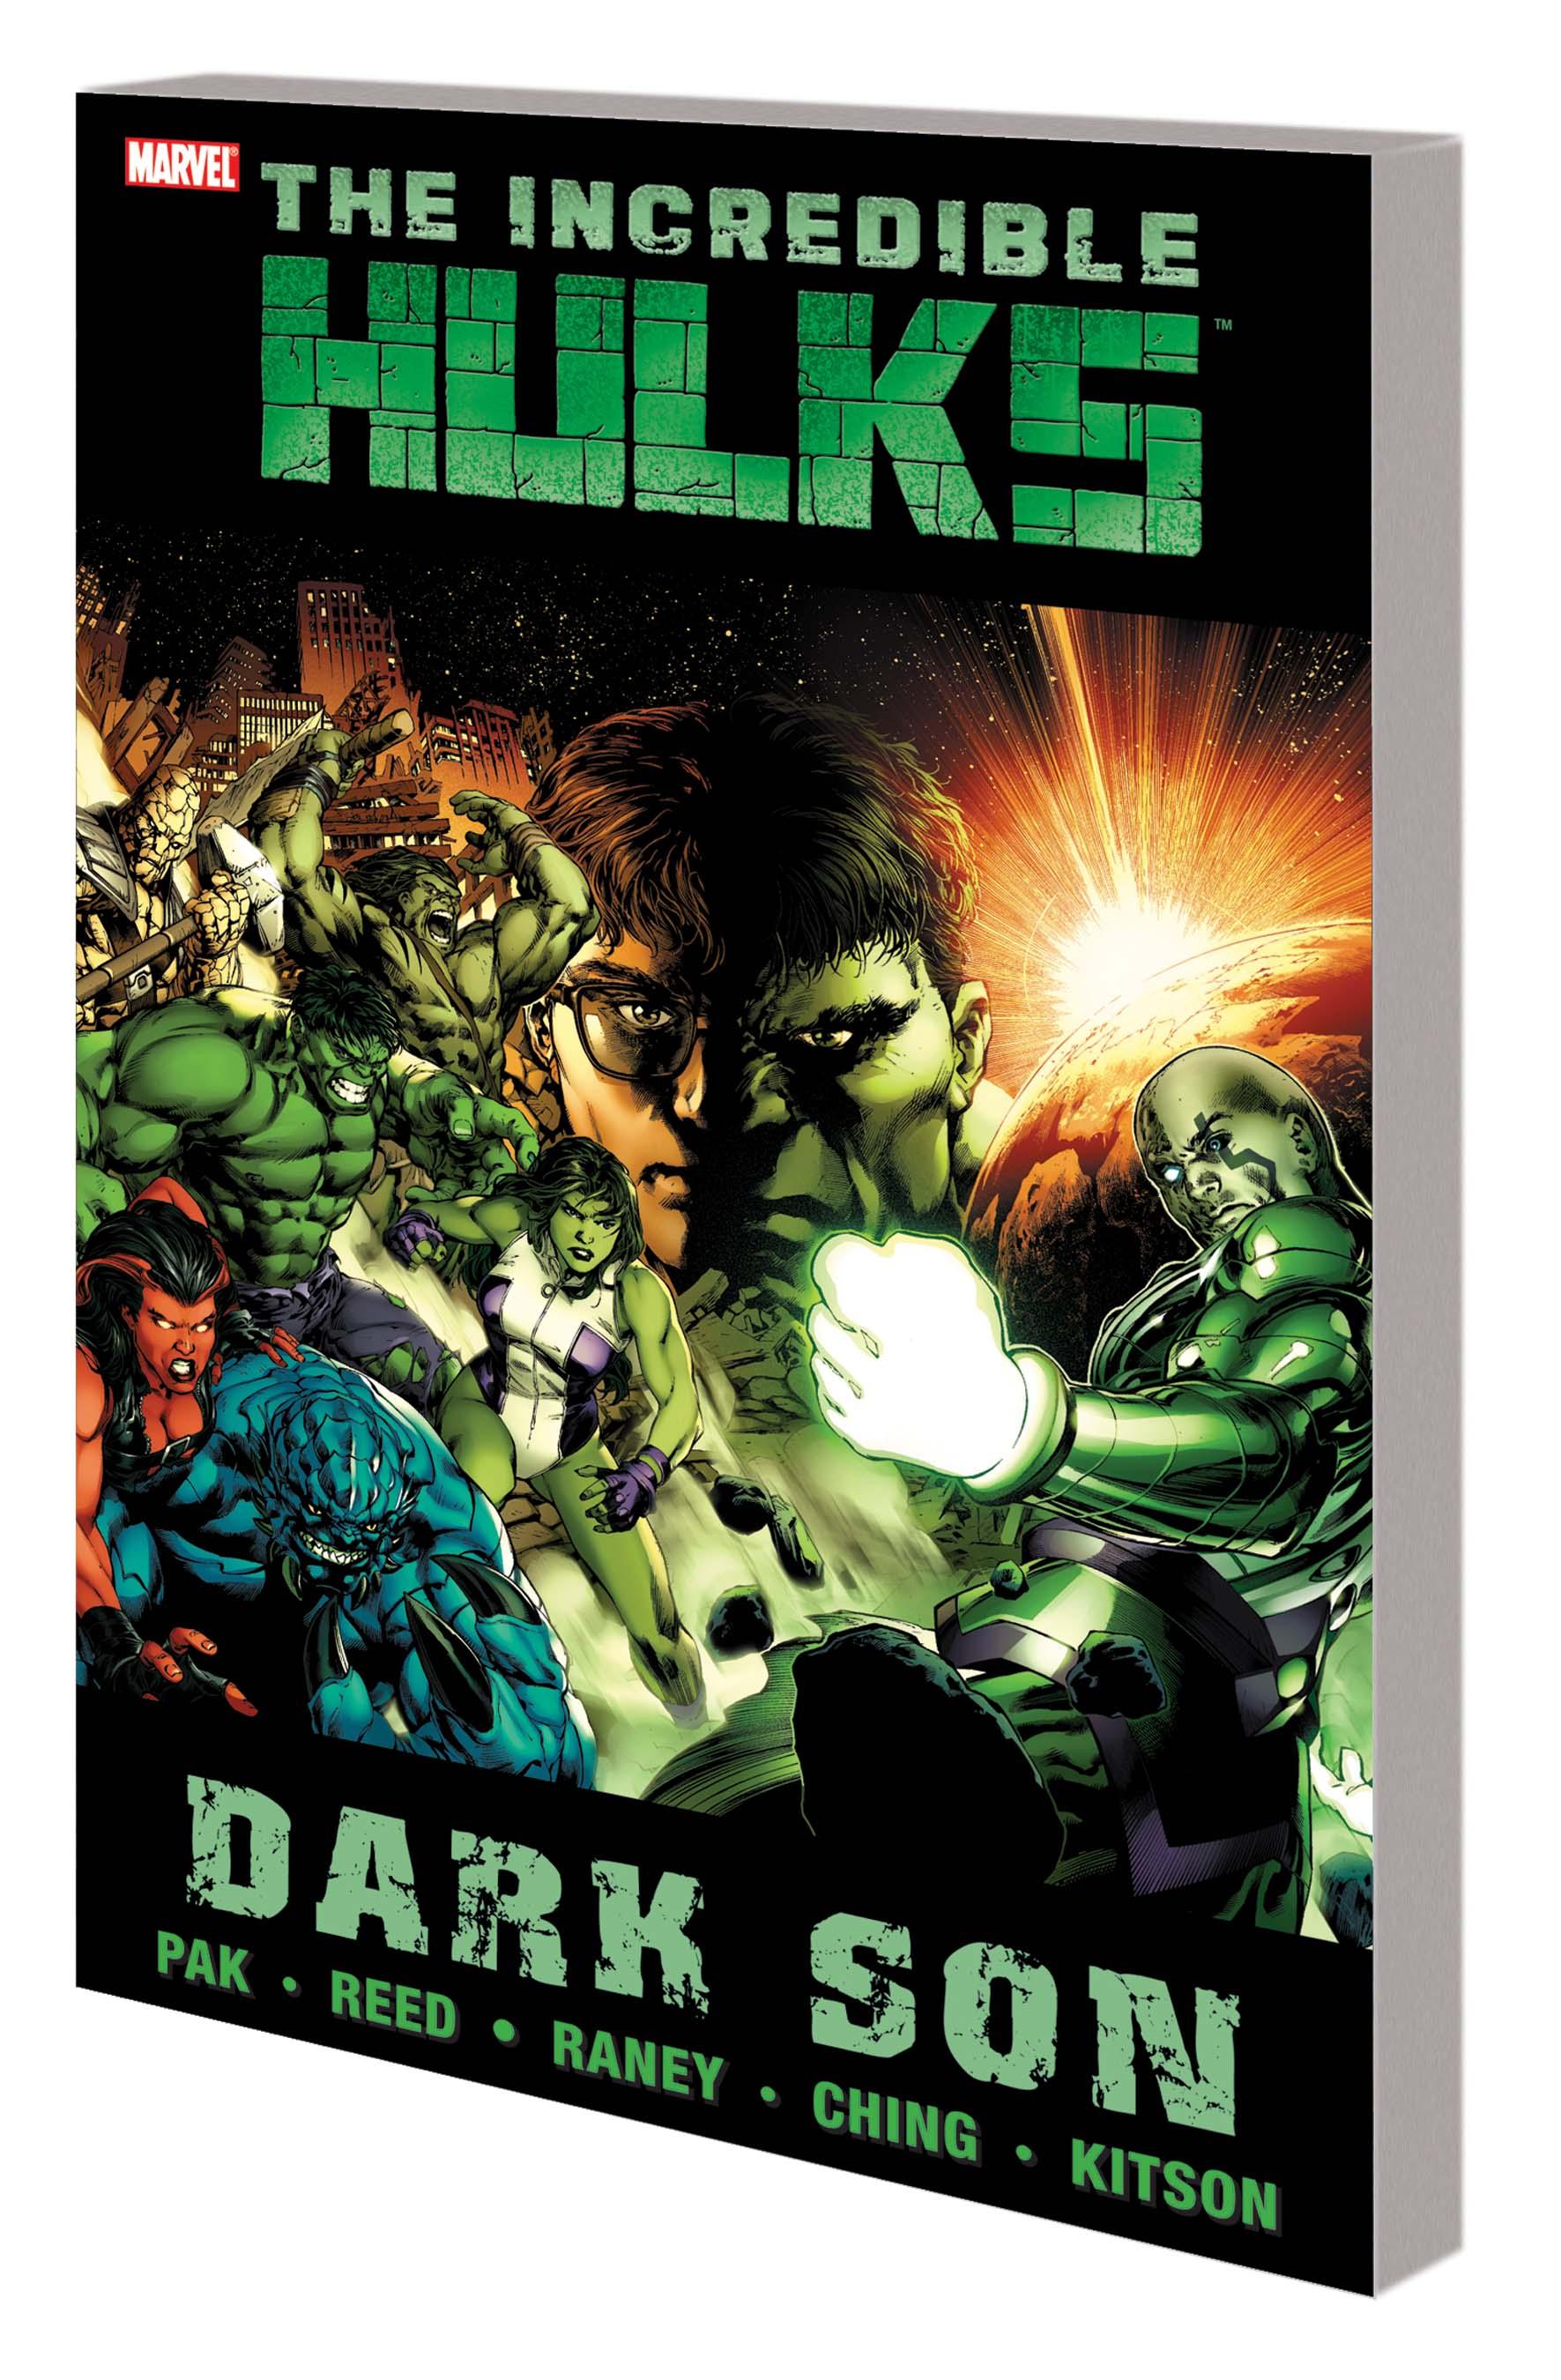 INCREDIBLE HULKS: DARK SON TPB  (Trade Paperback)